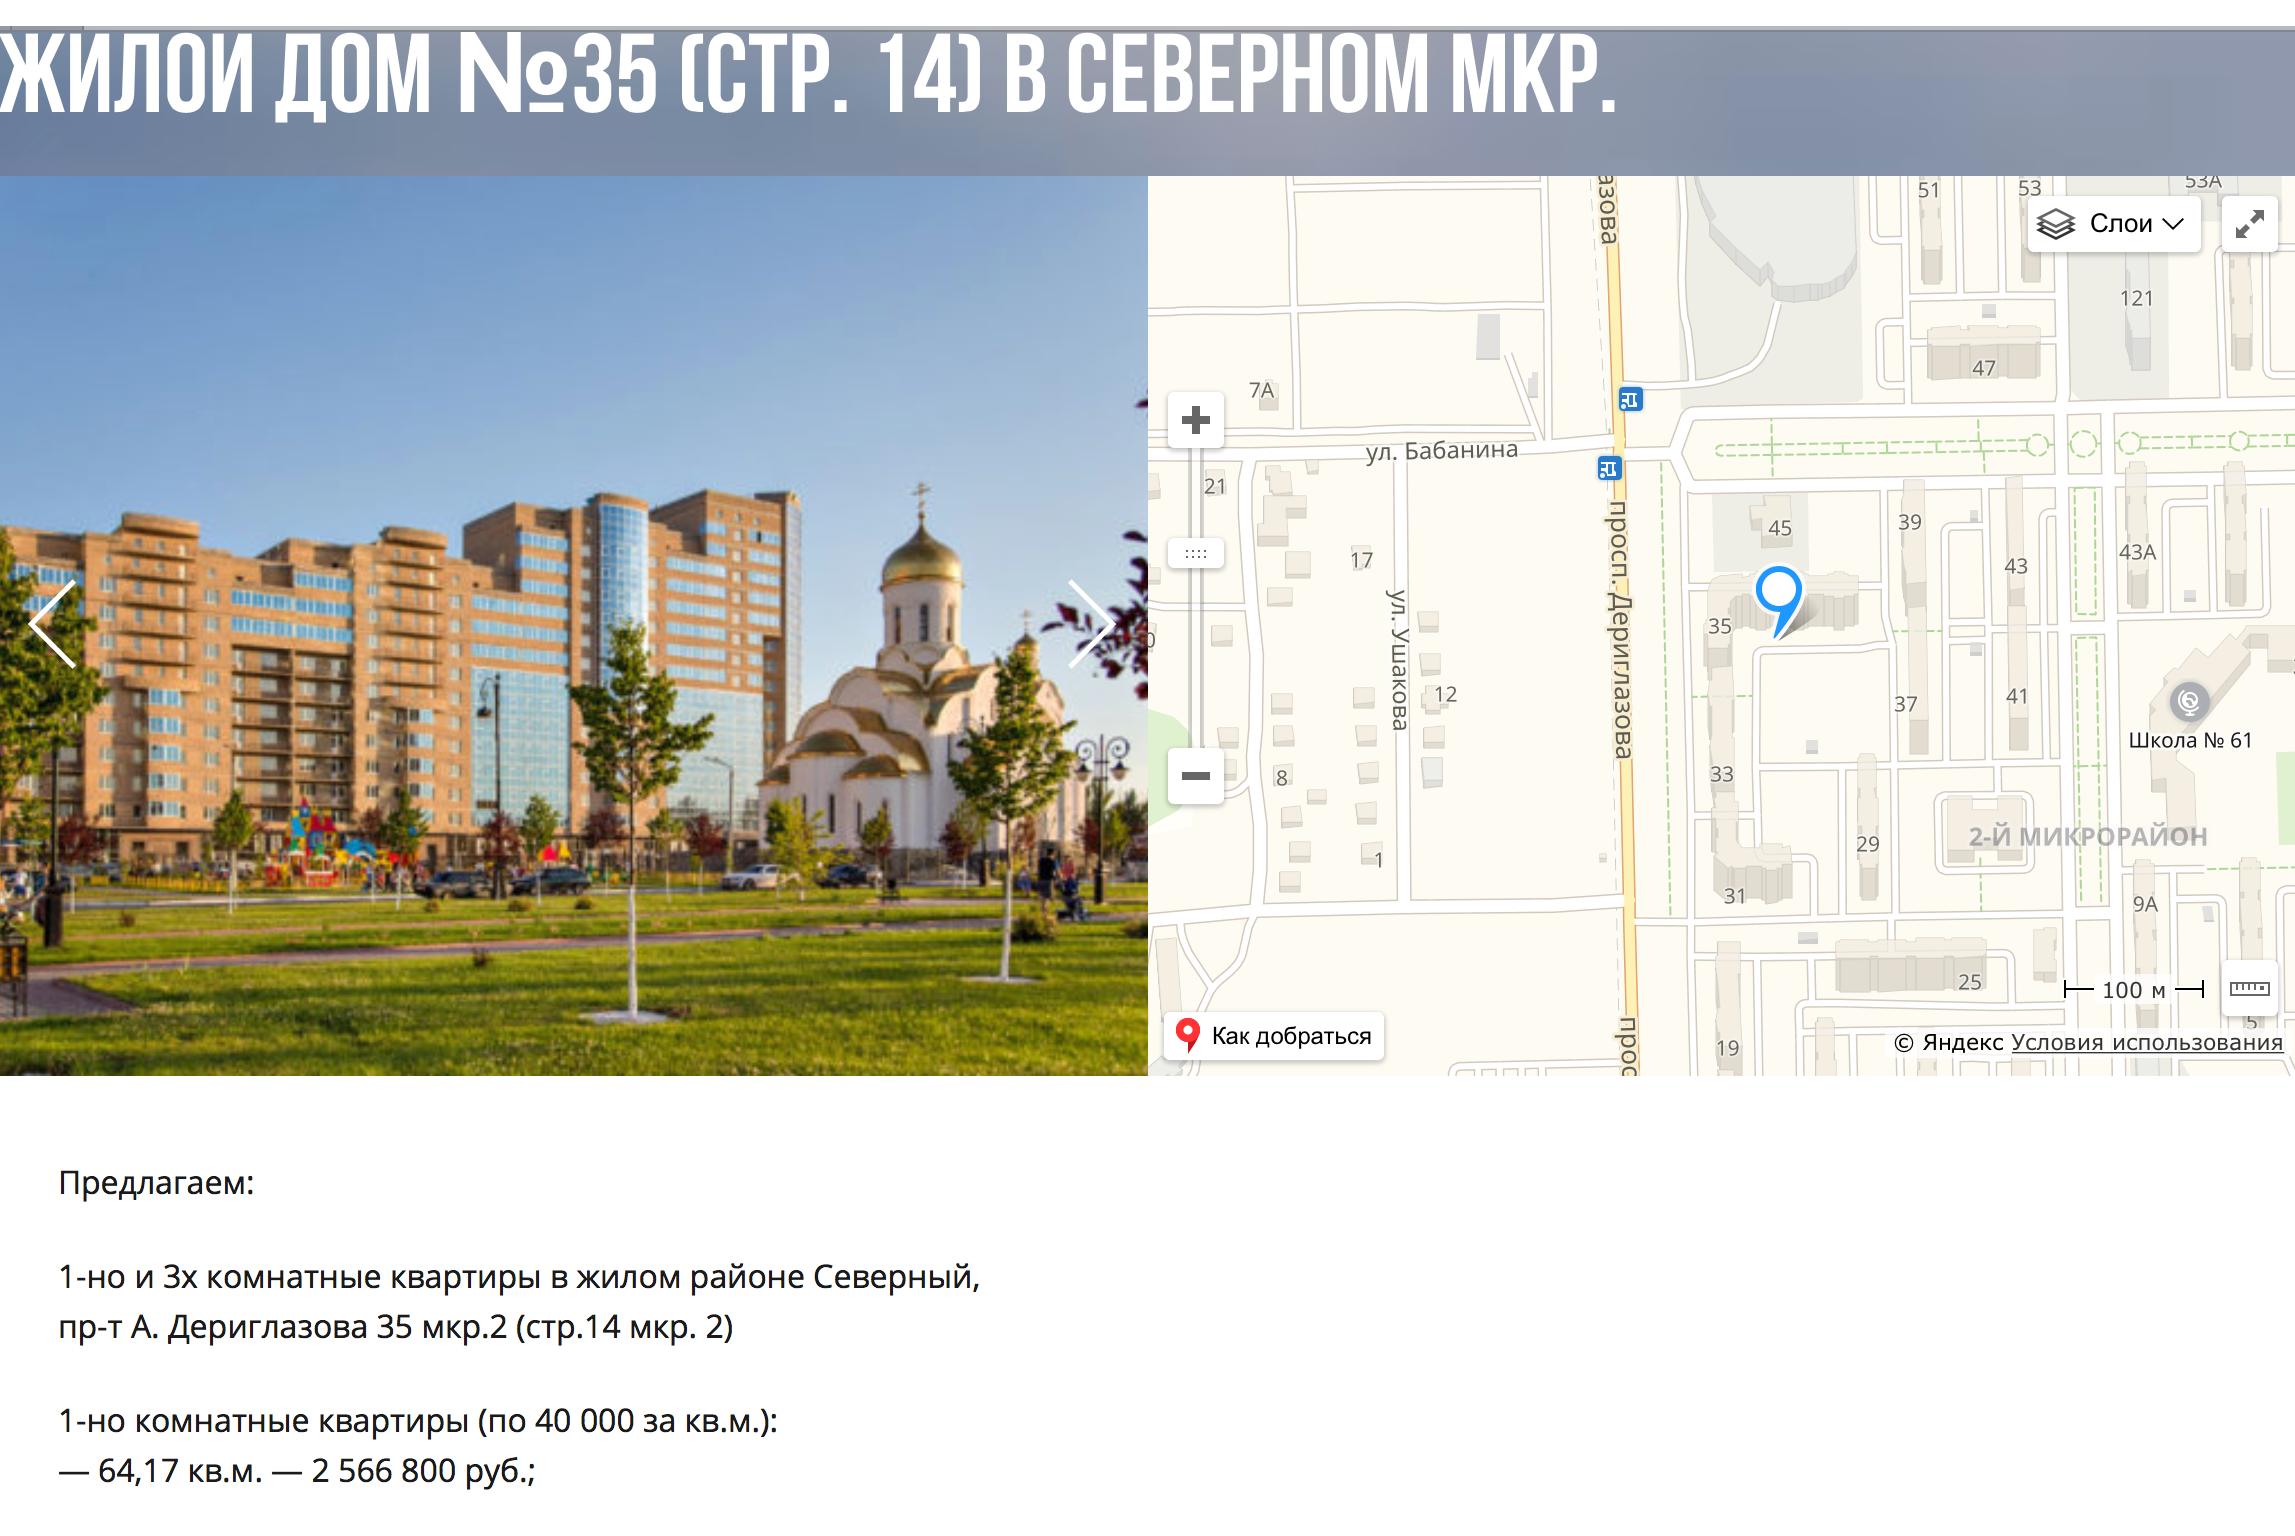 Новая однушка на Дериглазова в монолитном доме на сайте застройщика стоит 2,5 млн рублей